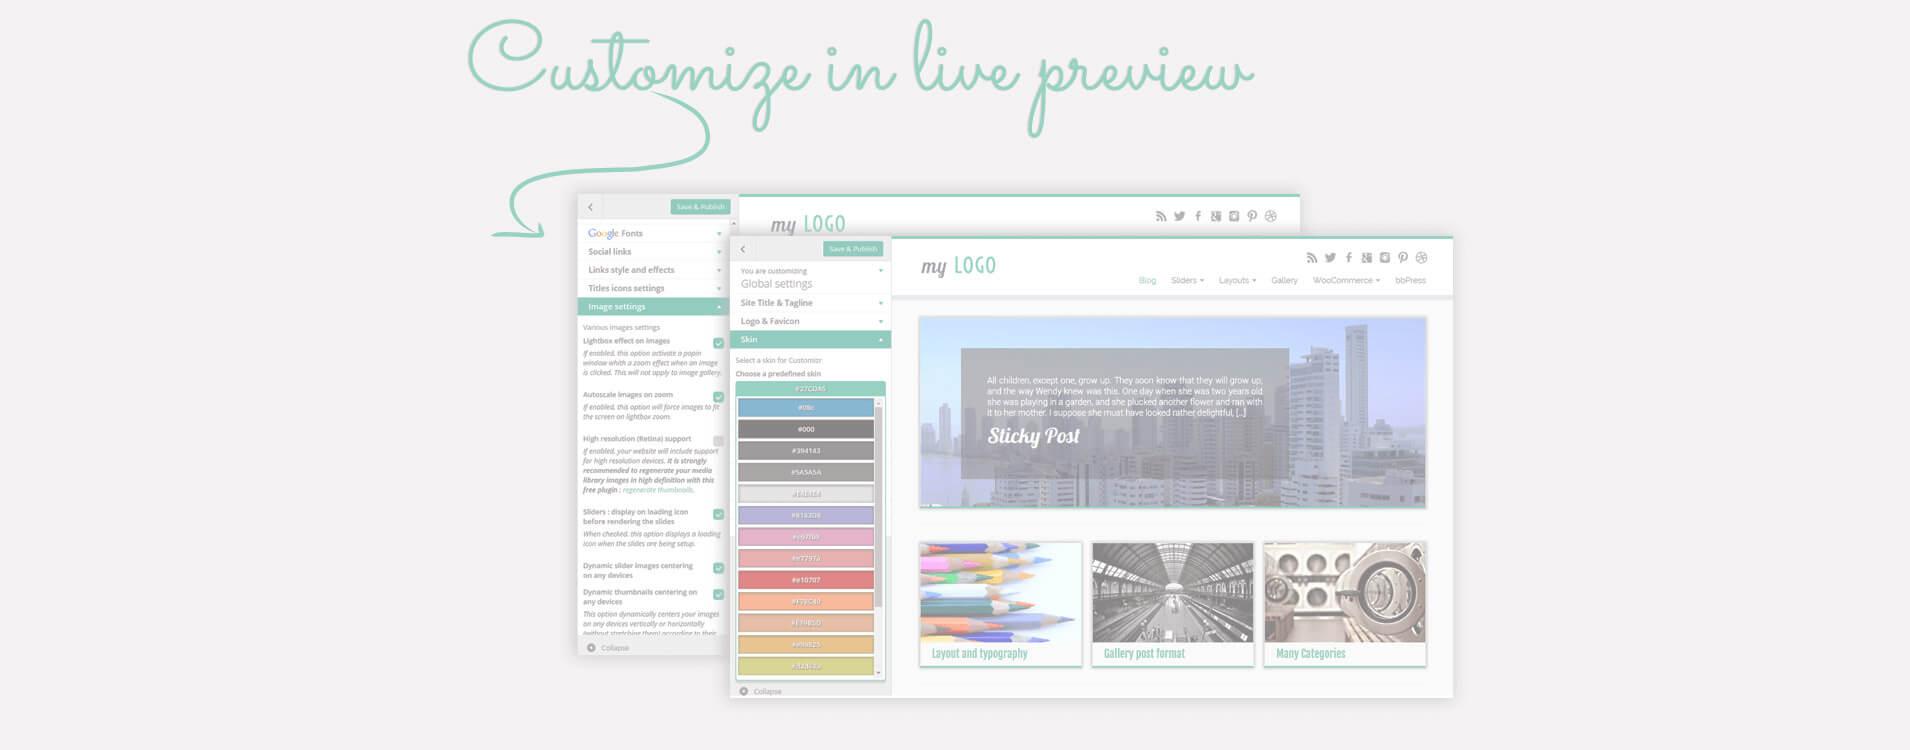 Multe opțiuni de design și aranjare sunt disponibile din ecranul de personalizare al WordPress: vezi modificările pe viu!